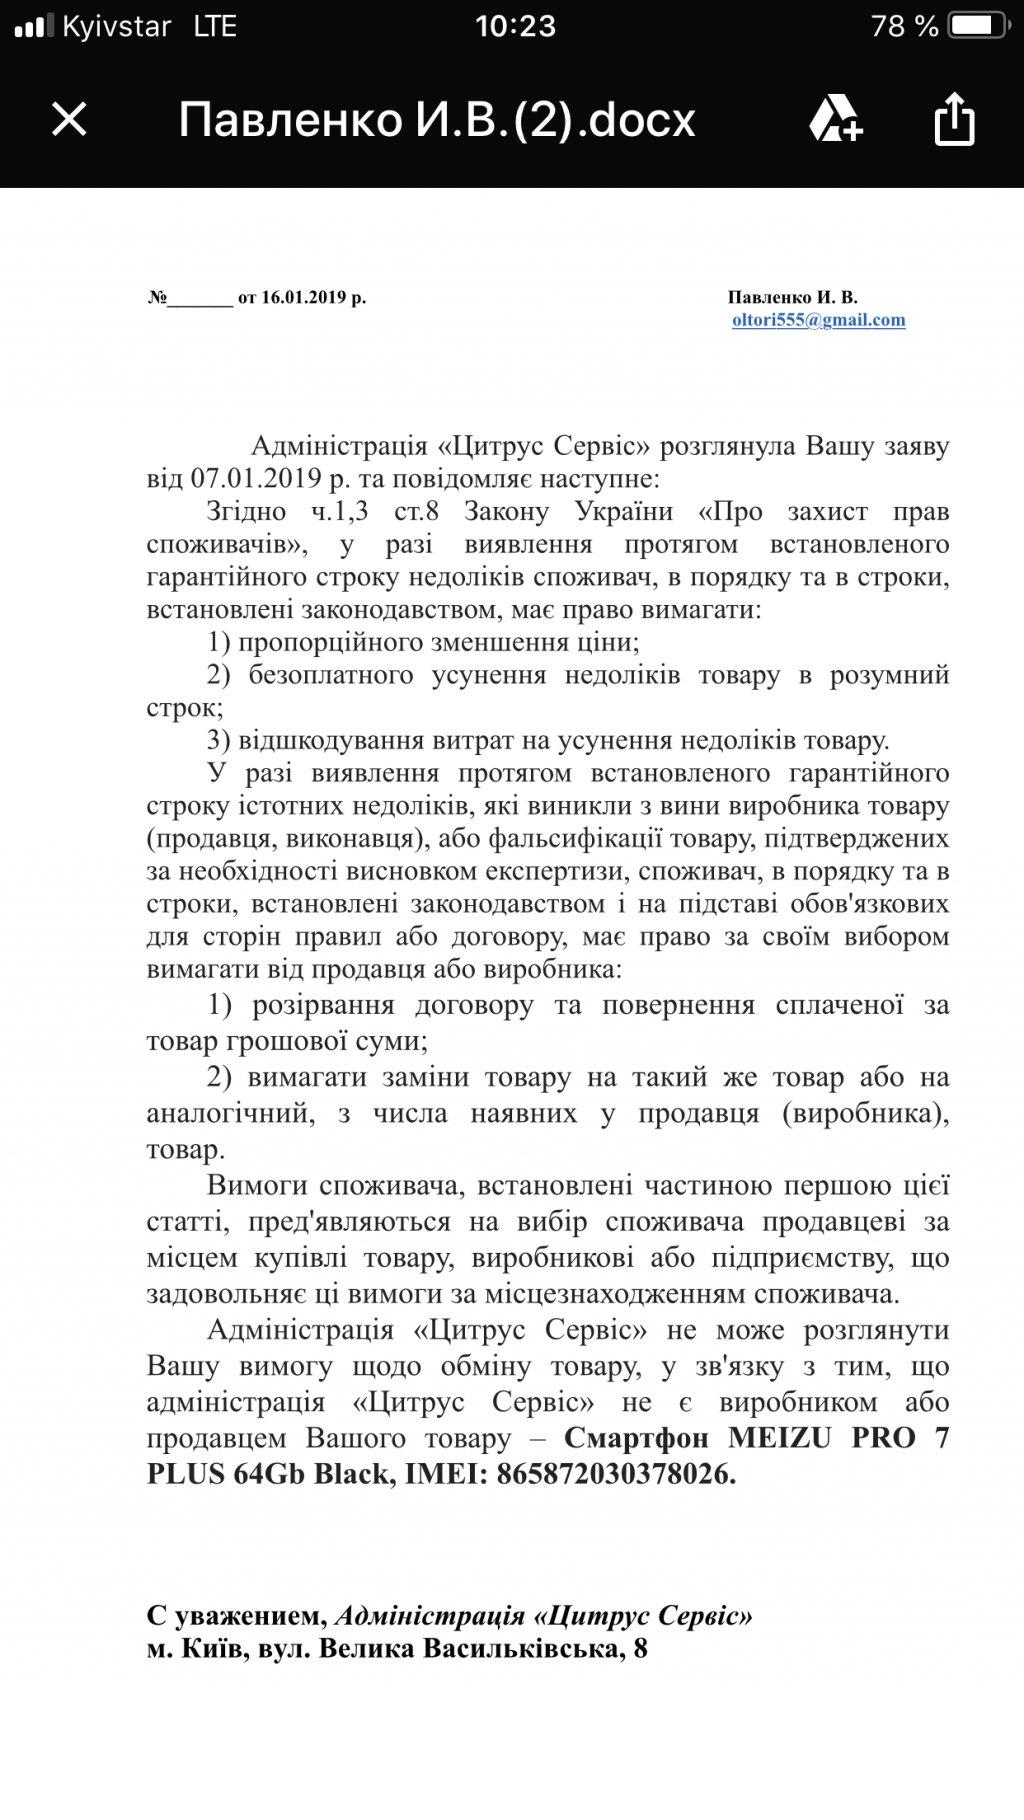 Интернет-магазин Цитрус (citrus.ua) - Повторные обращение в тех поддержку клиентов Цитруса